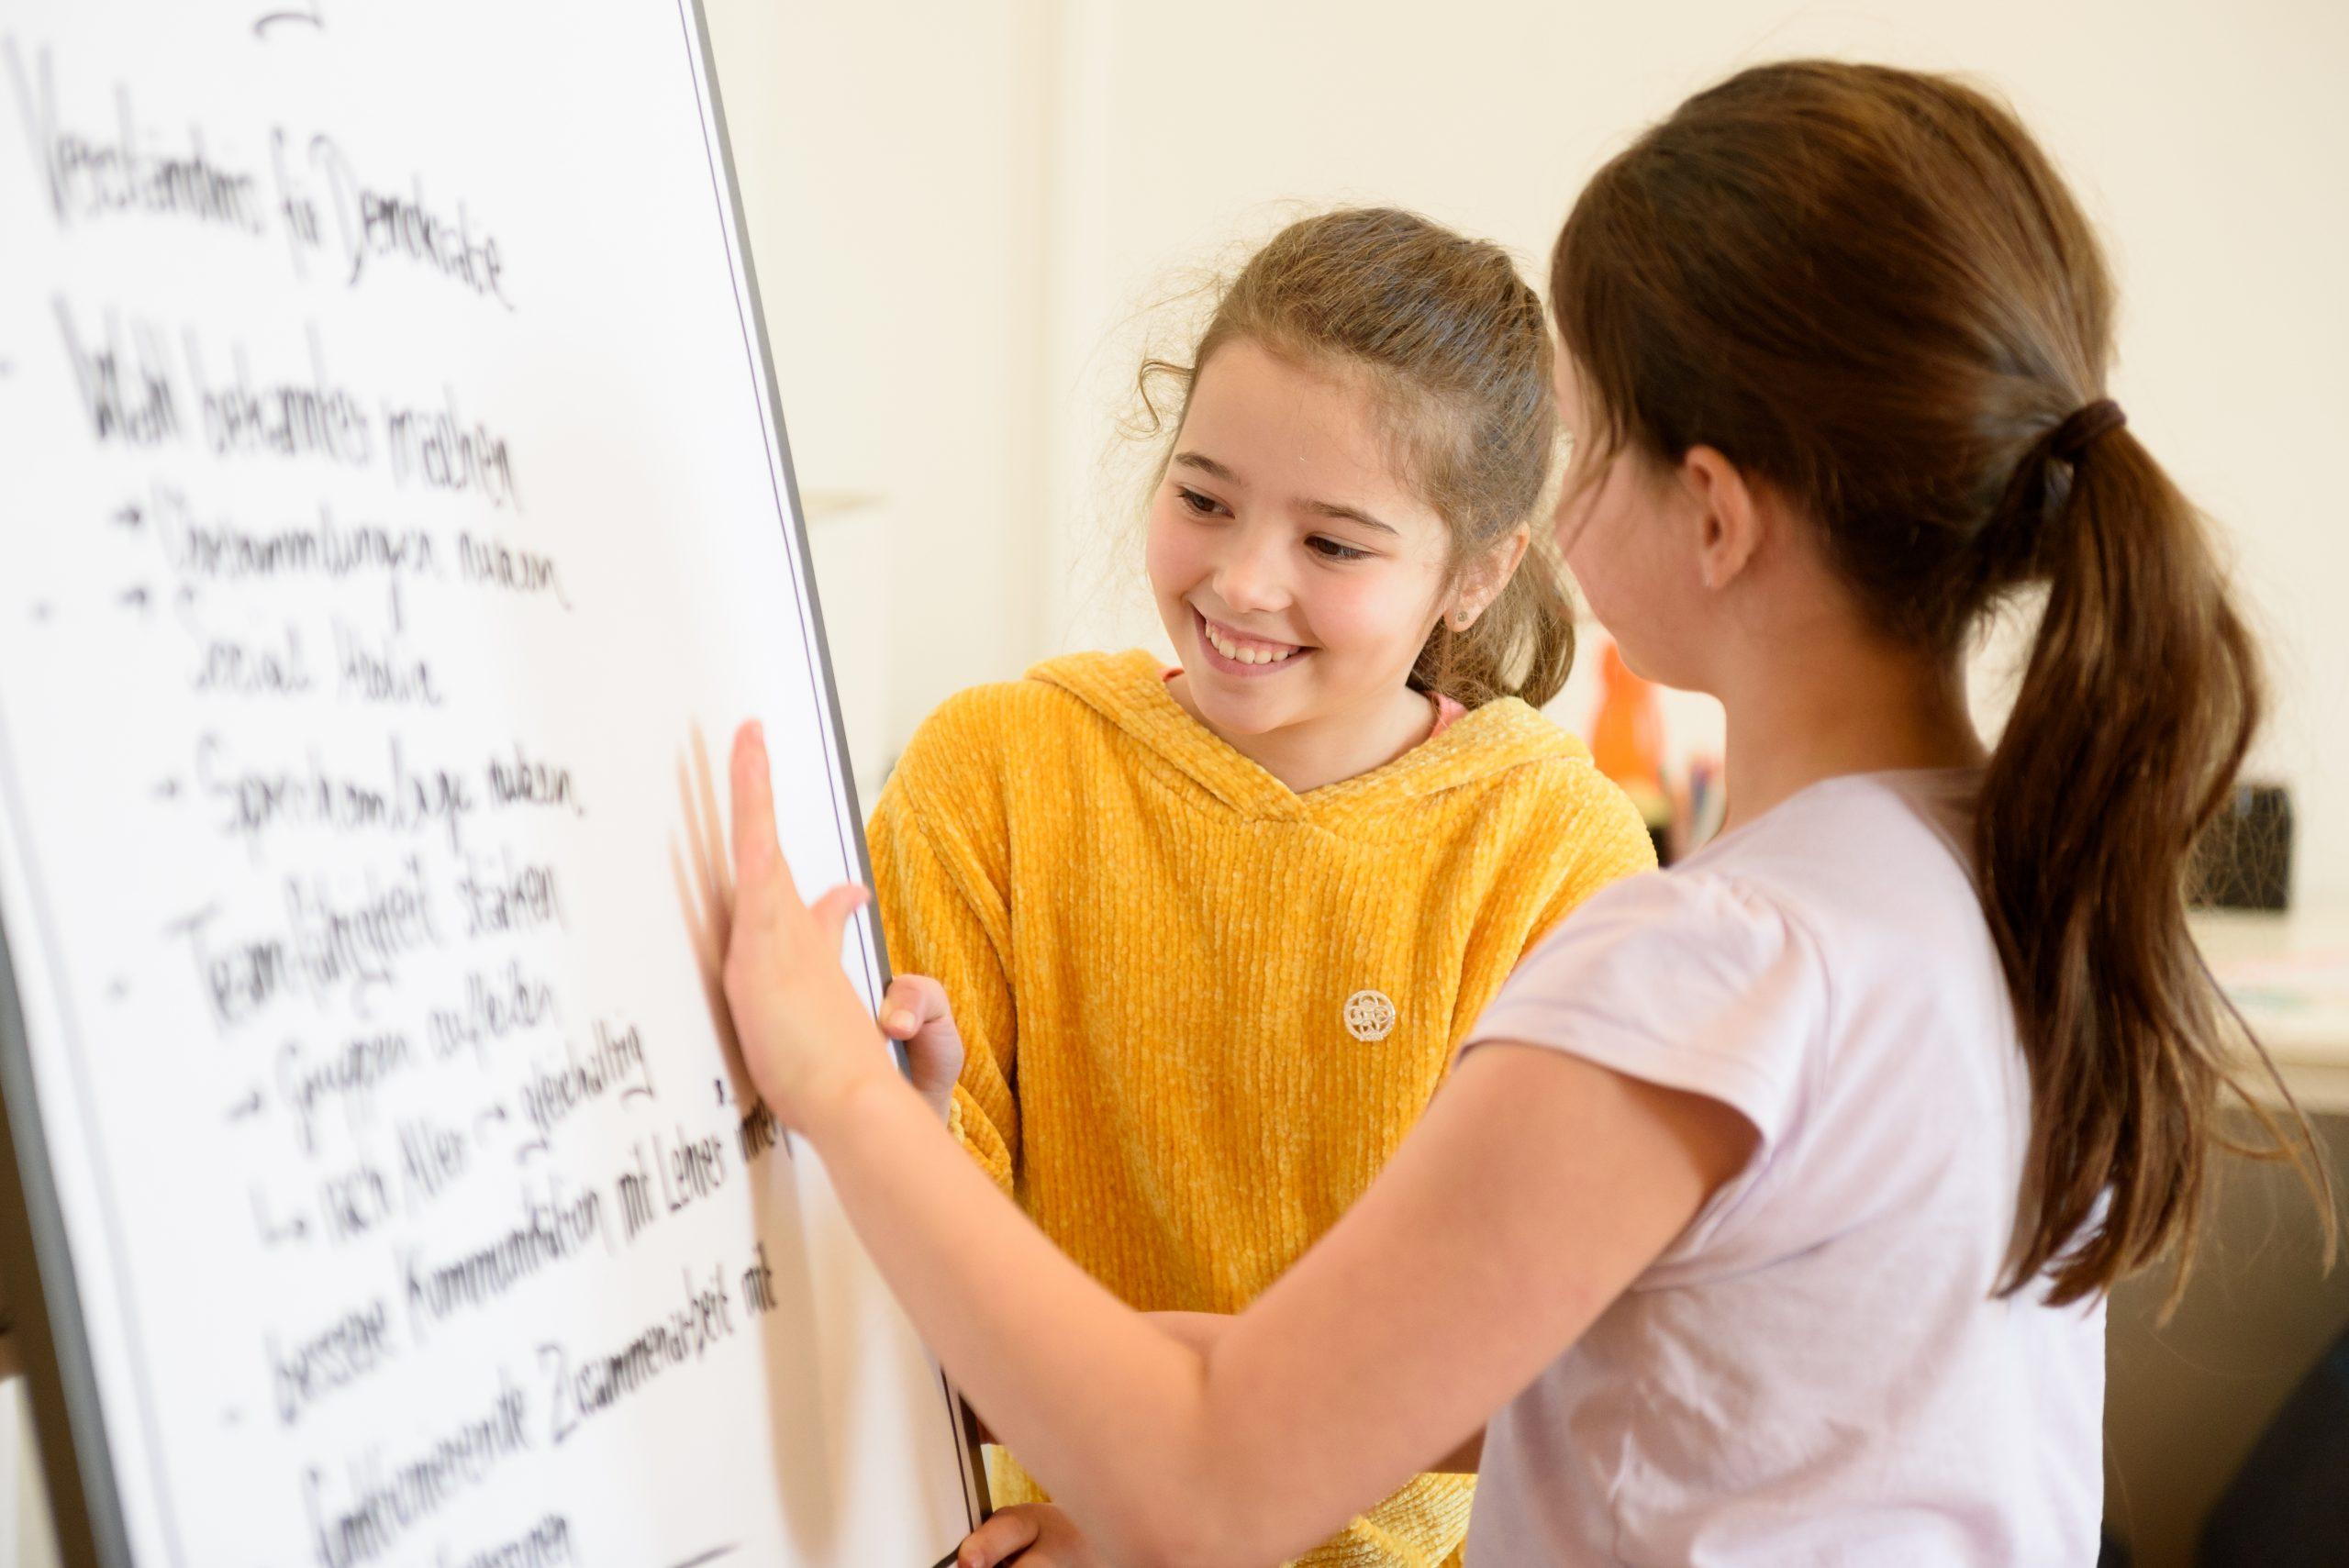 Zwei Mädchen stehen vor einem Flipchart und schauen sich den geschrieben Text an.